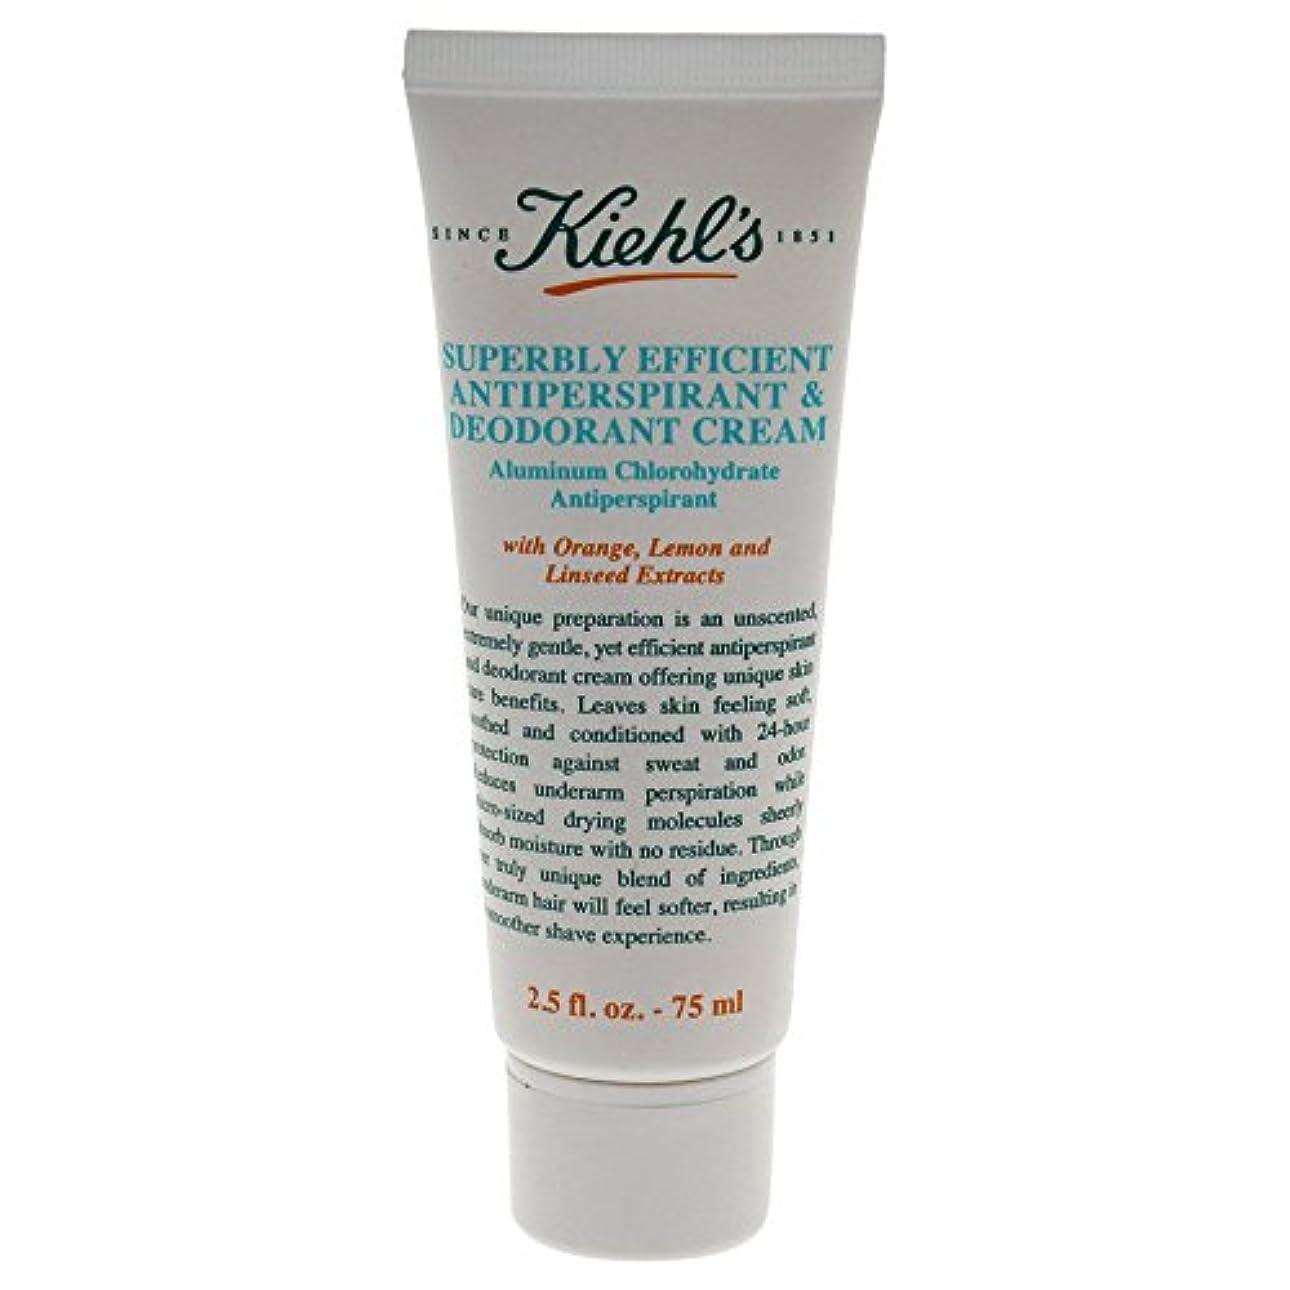 独裁おじいちゃん迷惑Kiehl's Superbly Efficient Anti Perspirant & Deodorant Cream - Full Size 2.5oz (75ml)